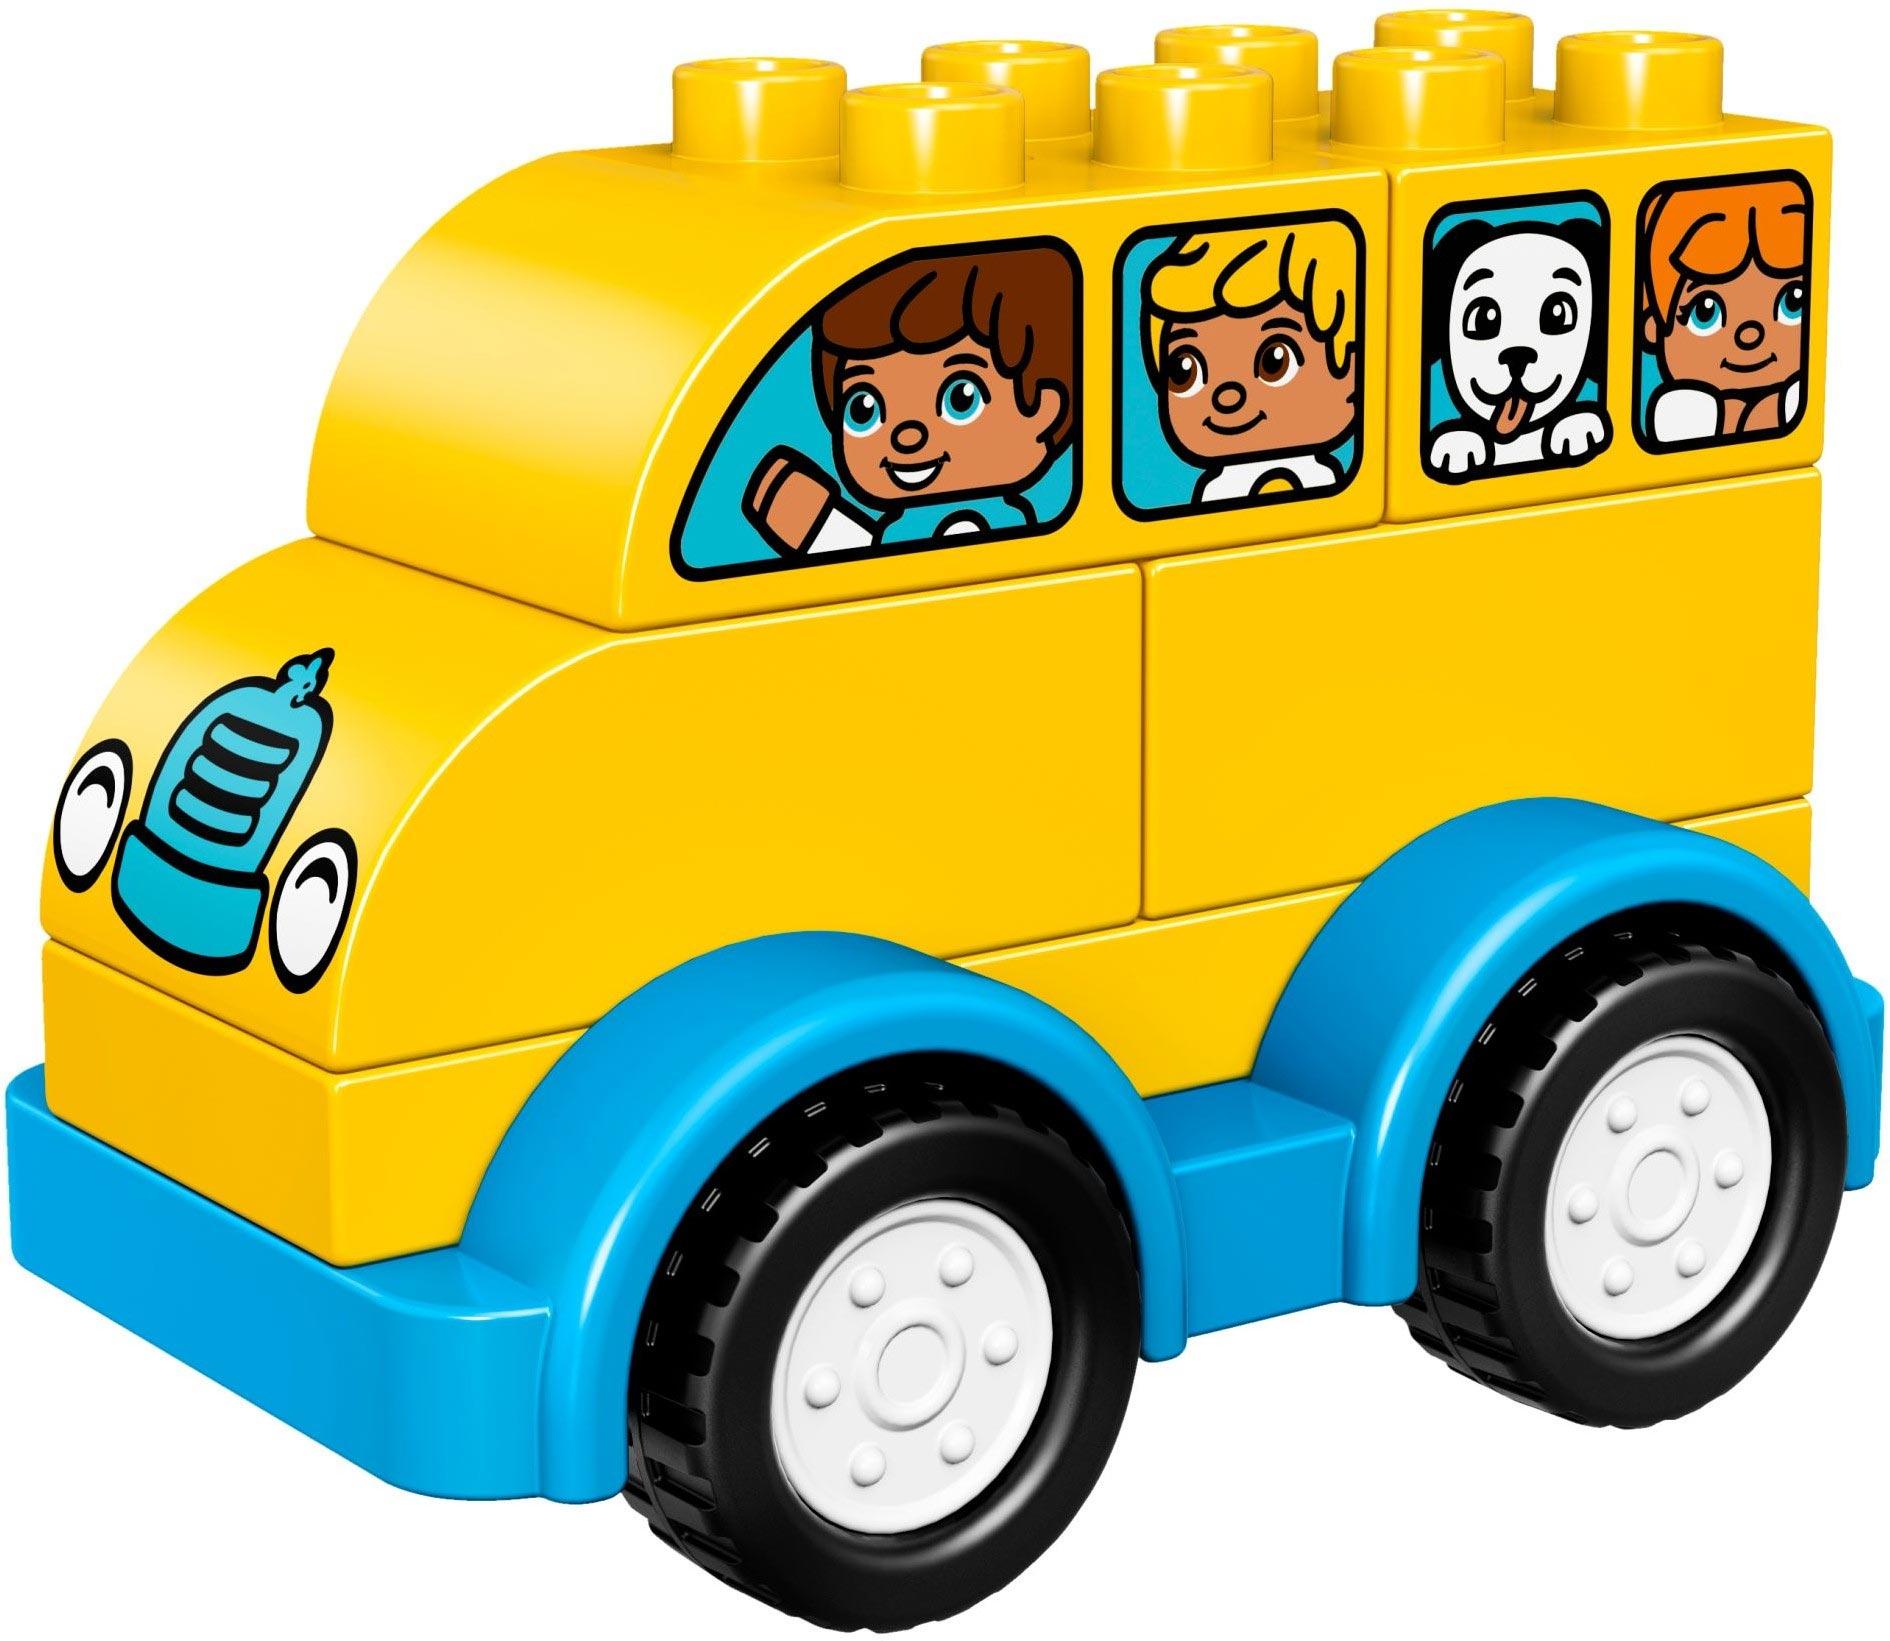 Attractive 1890x1641 LEGO DUPLO My First Bus 10851 Â« LEGO DUPLO Â« Â« LEGO